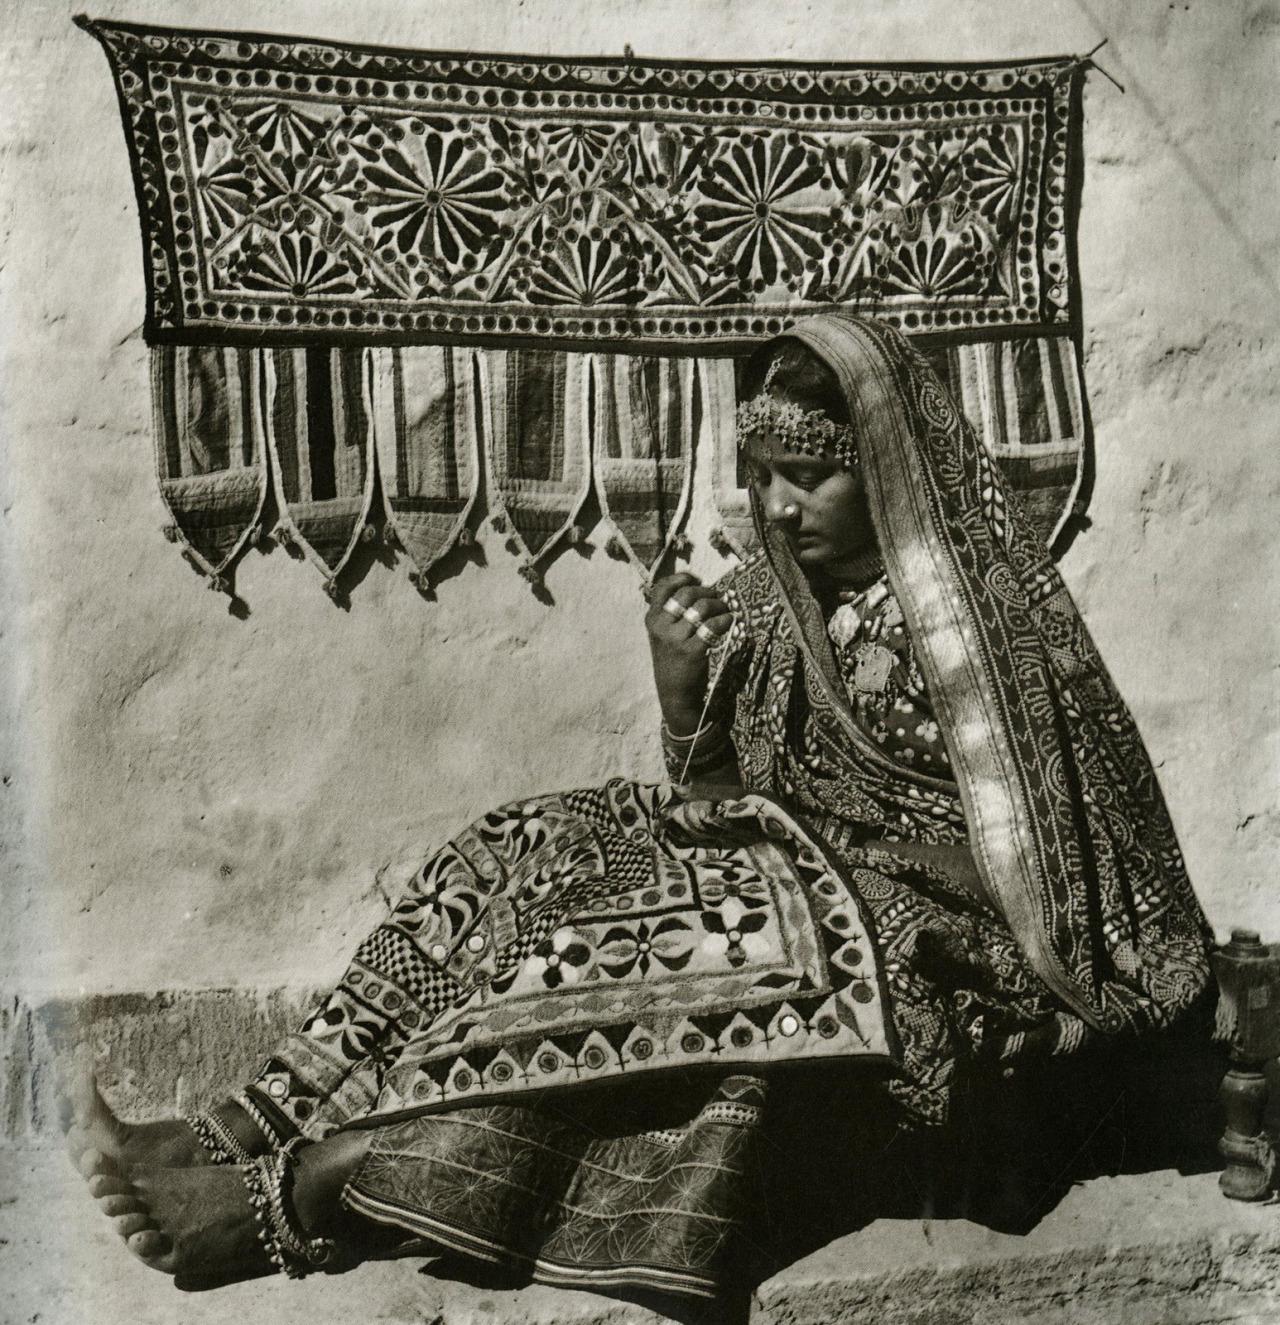 девушка ткет ковер Abidmian Lalmian Syed